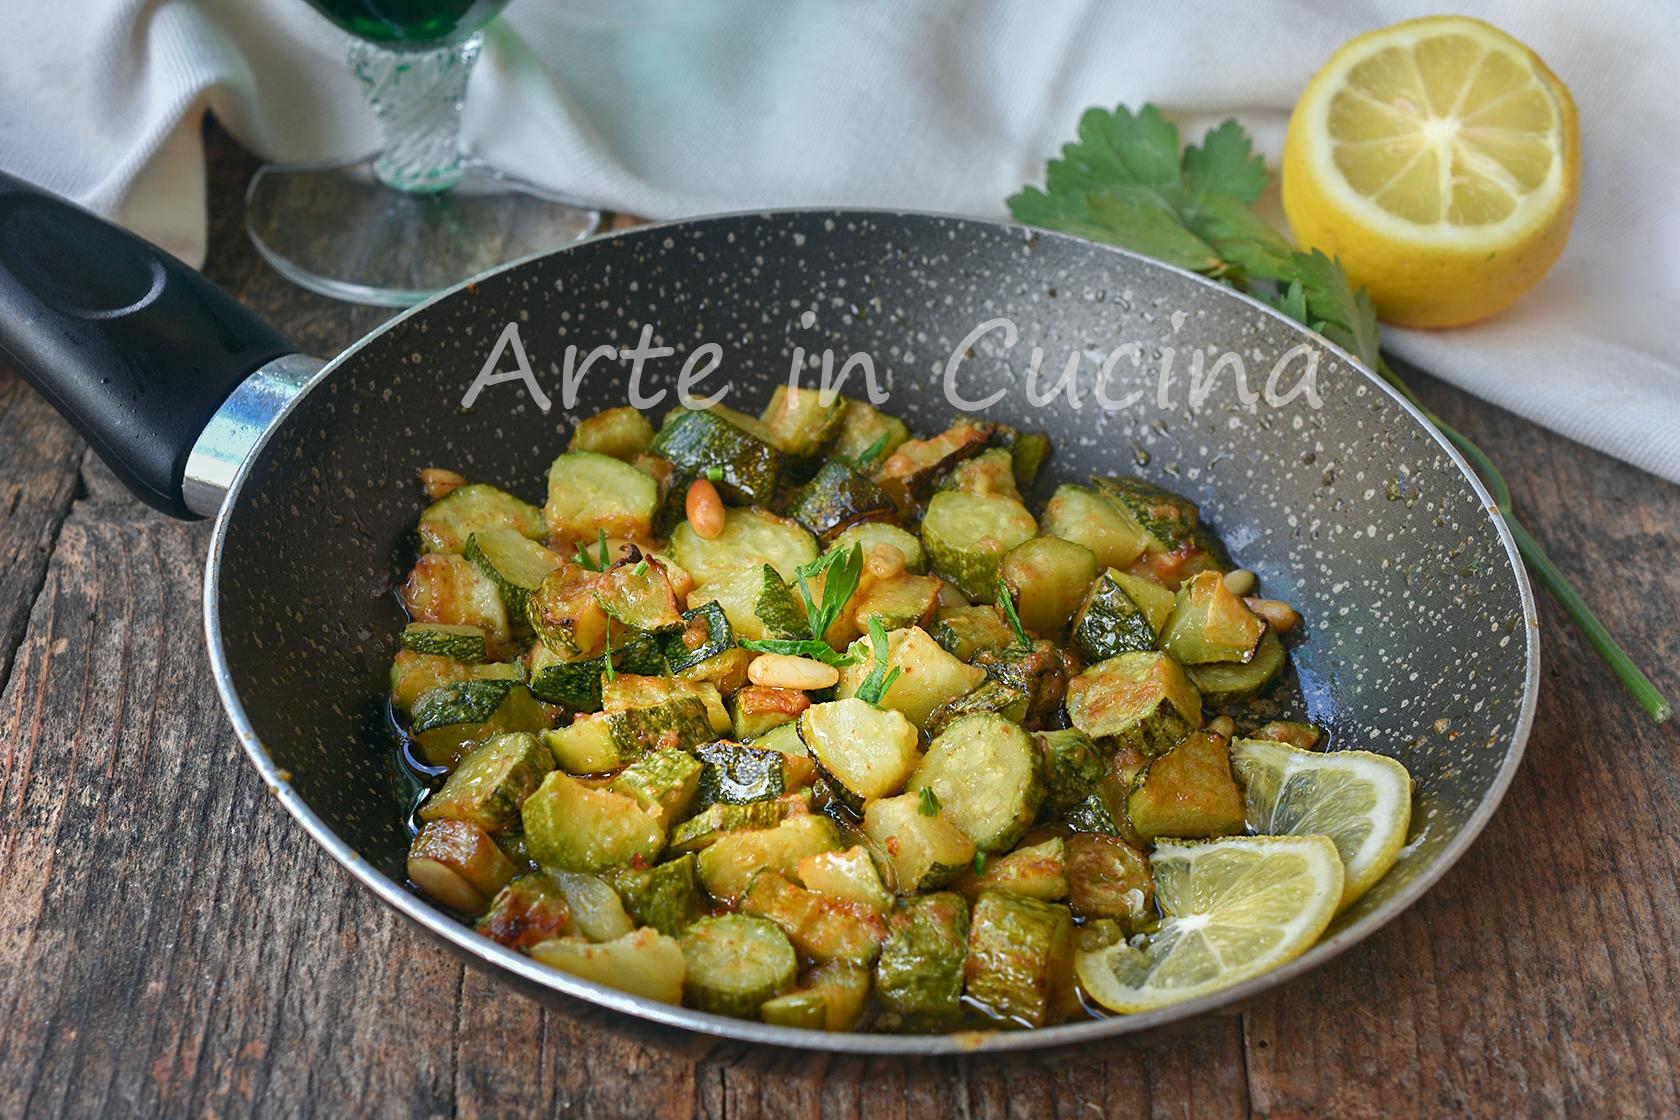 Zucchine gratinate al limone in padella contorno leggero